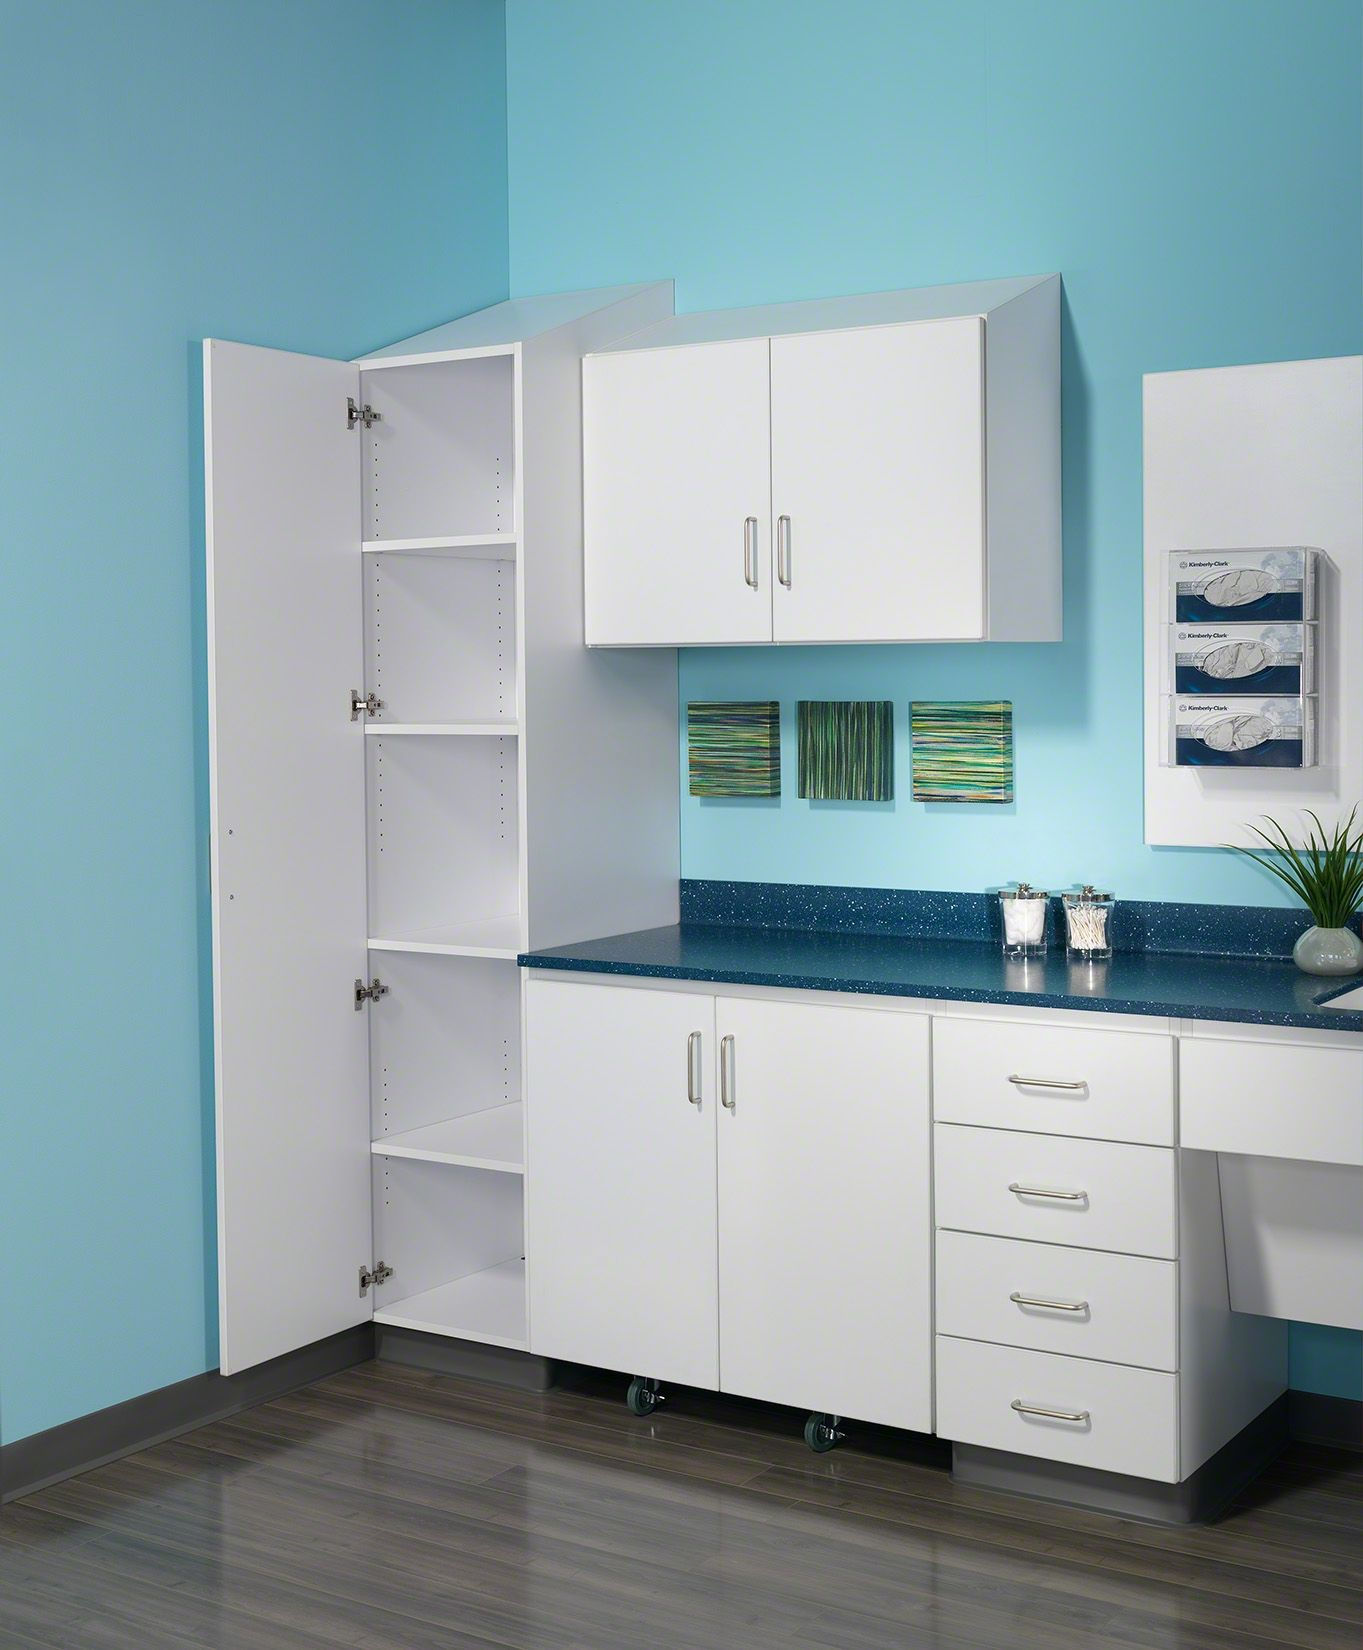 Healthcare cabinet storage | Folio by Nurture | Healthcare Spaces ...